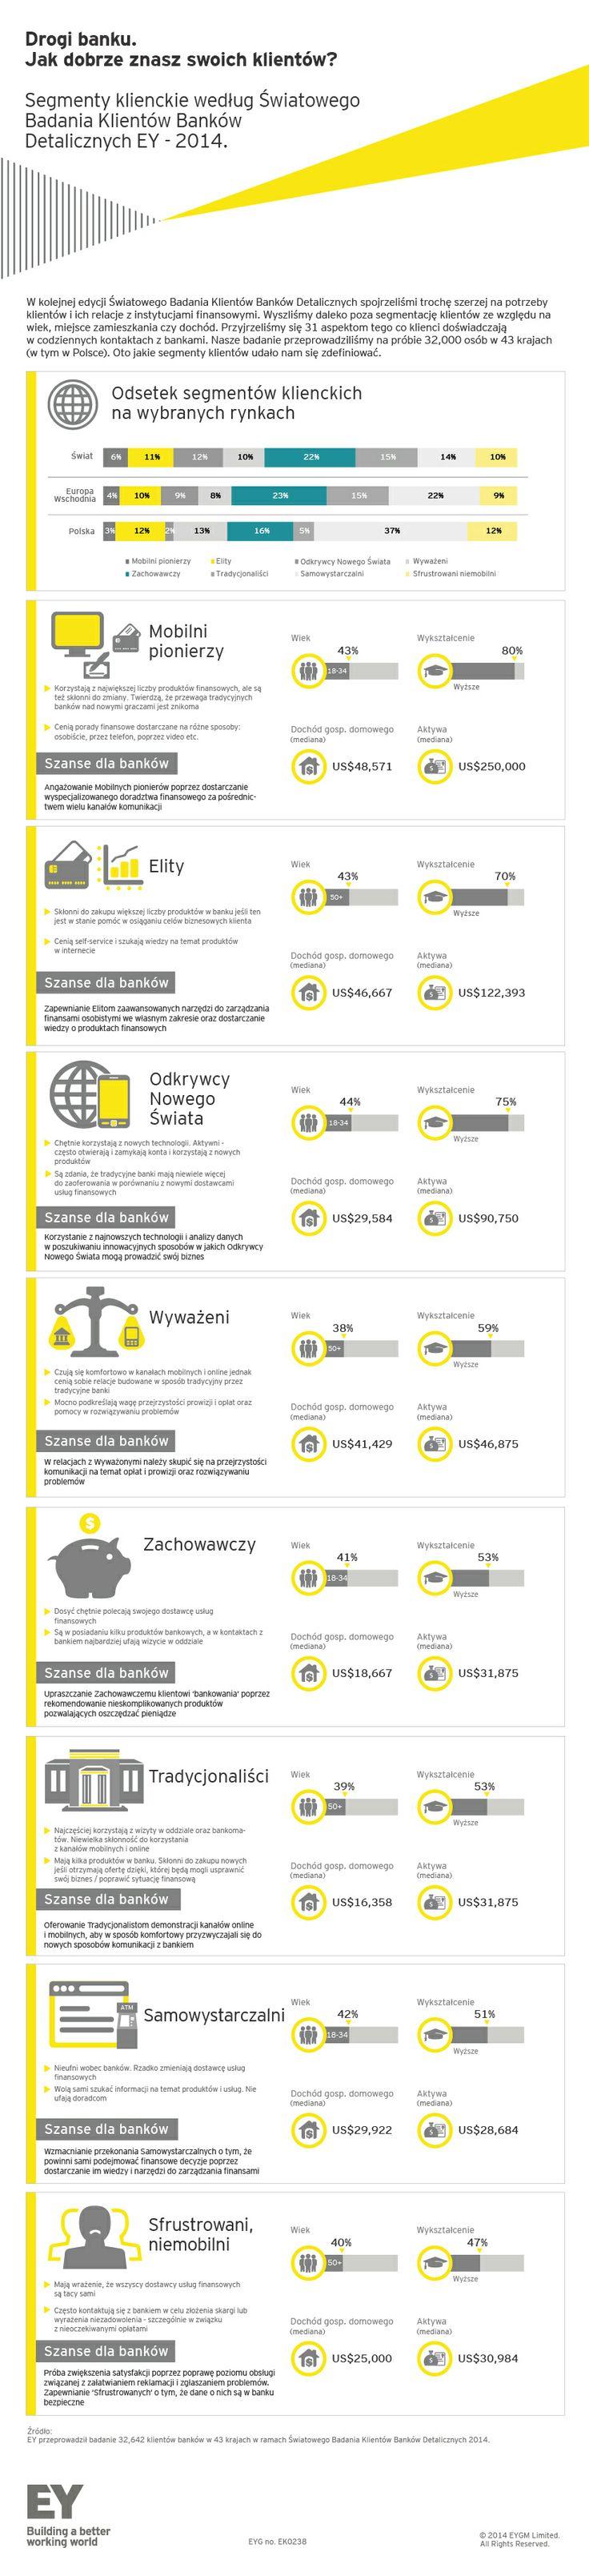 Segmenty klienckie według Światowego Badania Klientów Banków Detalicznych 2014